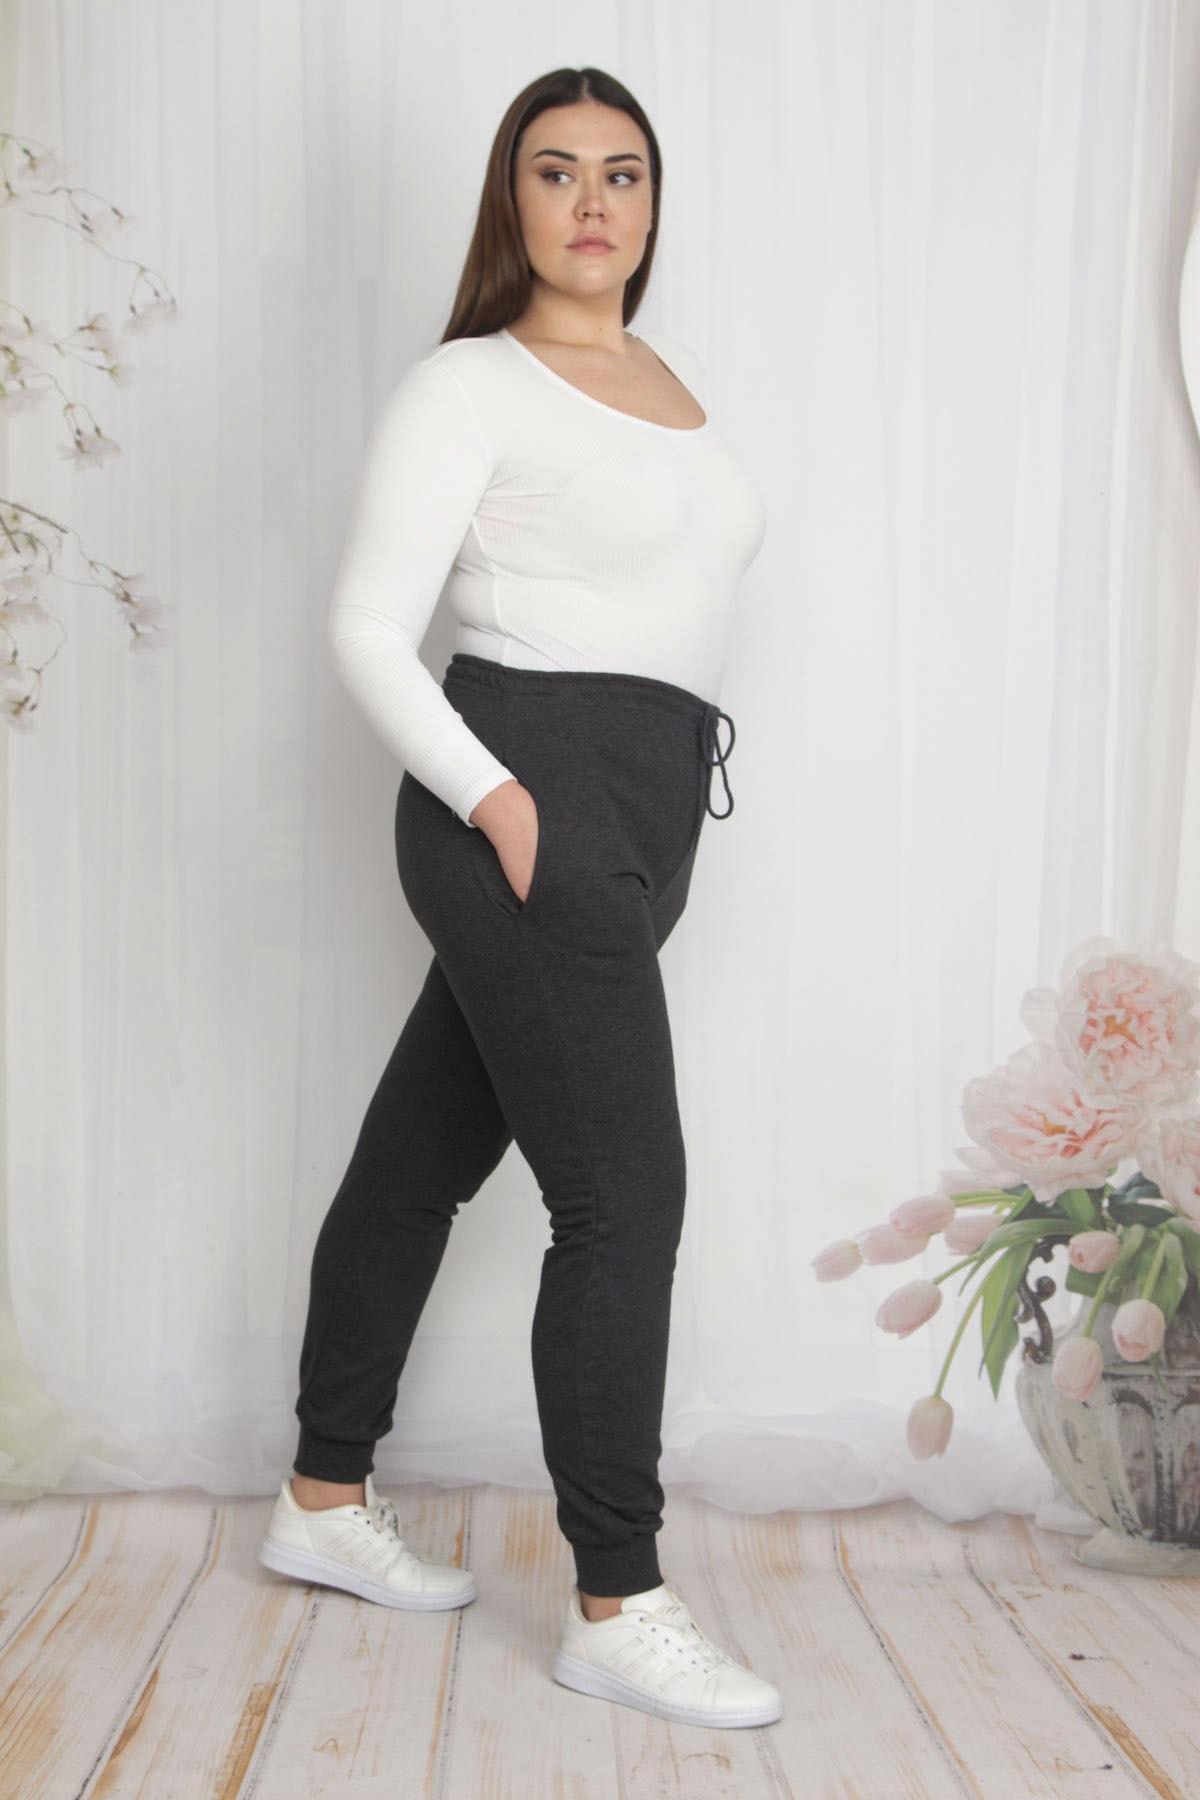 Şans Kadın Antrasit İçi Şardonlu Kumaş Cepli Bel Kısmı Lastikli Spor Pantolon 65N22210 1